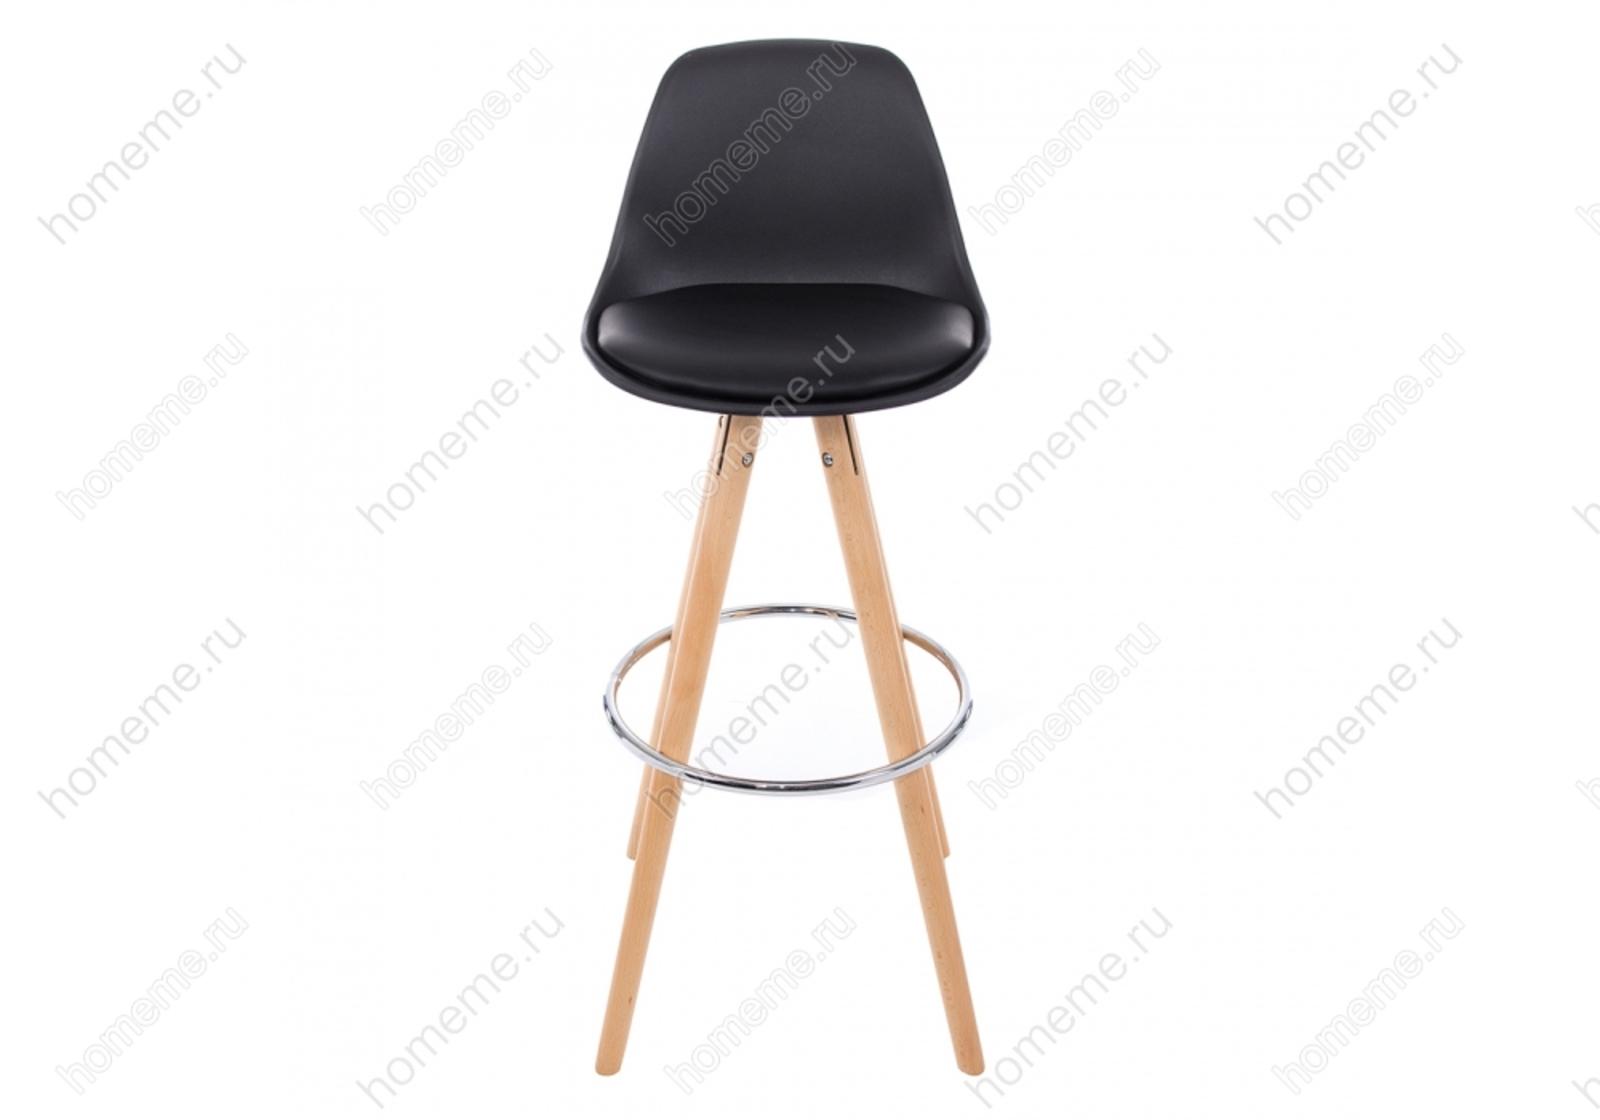 Барный стул Flor черный 1886 1886